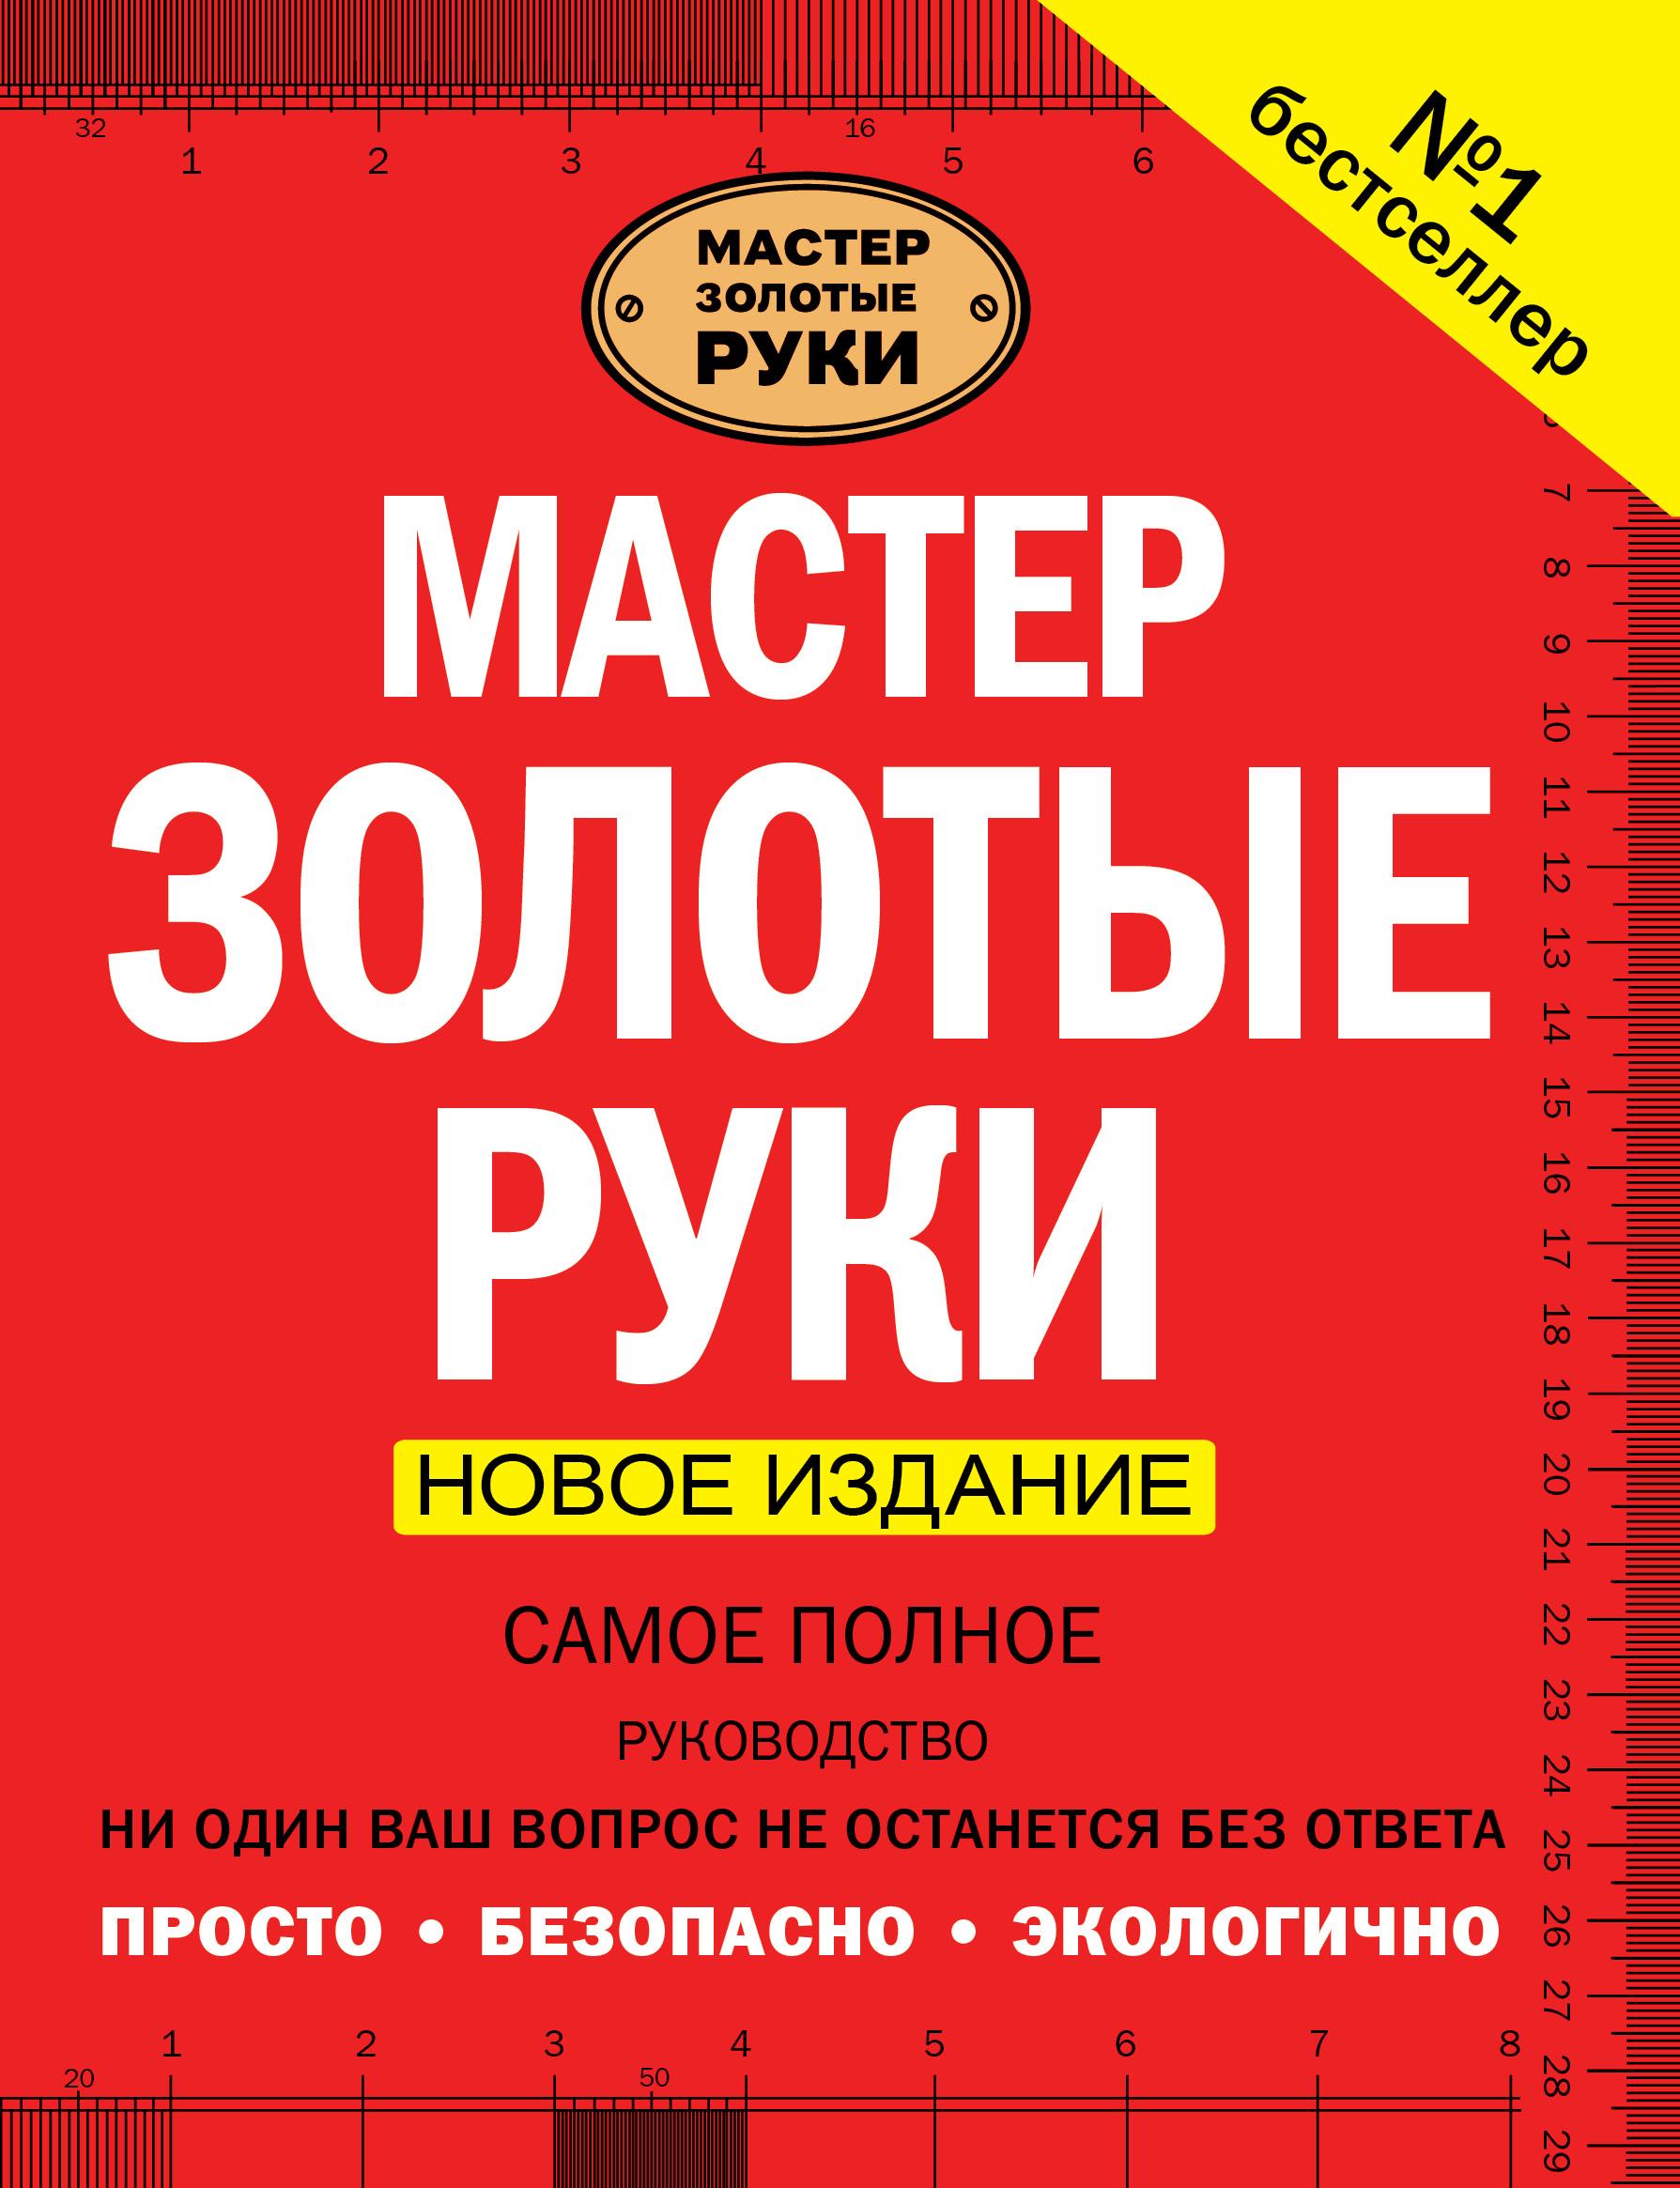 Джексон А. Мастер золотые руки. Самое полное руководство . Новое издание sql полное руководство 3 издание